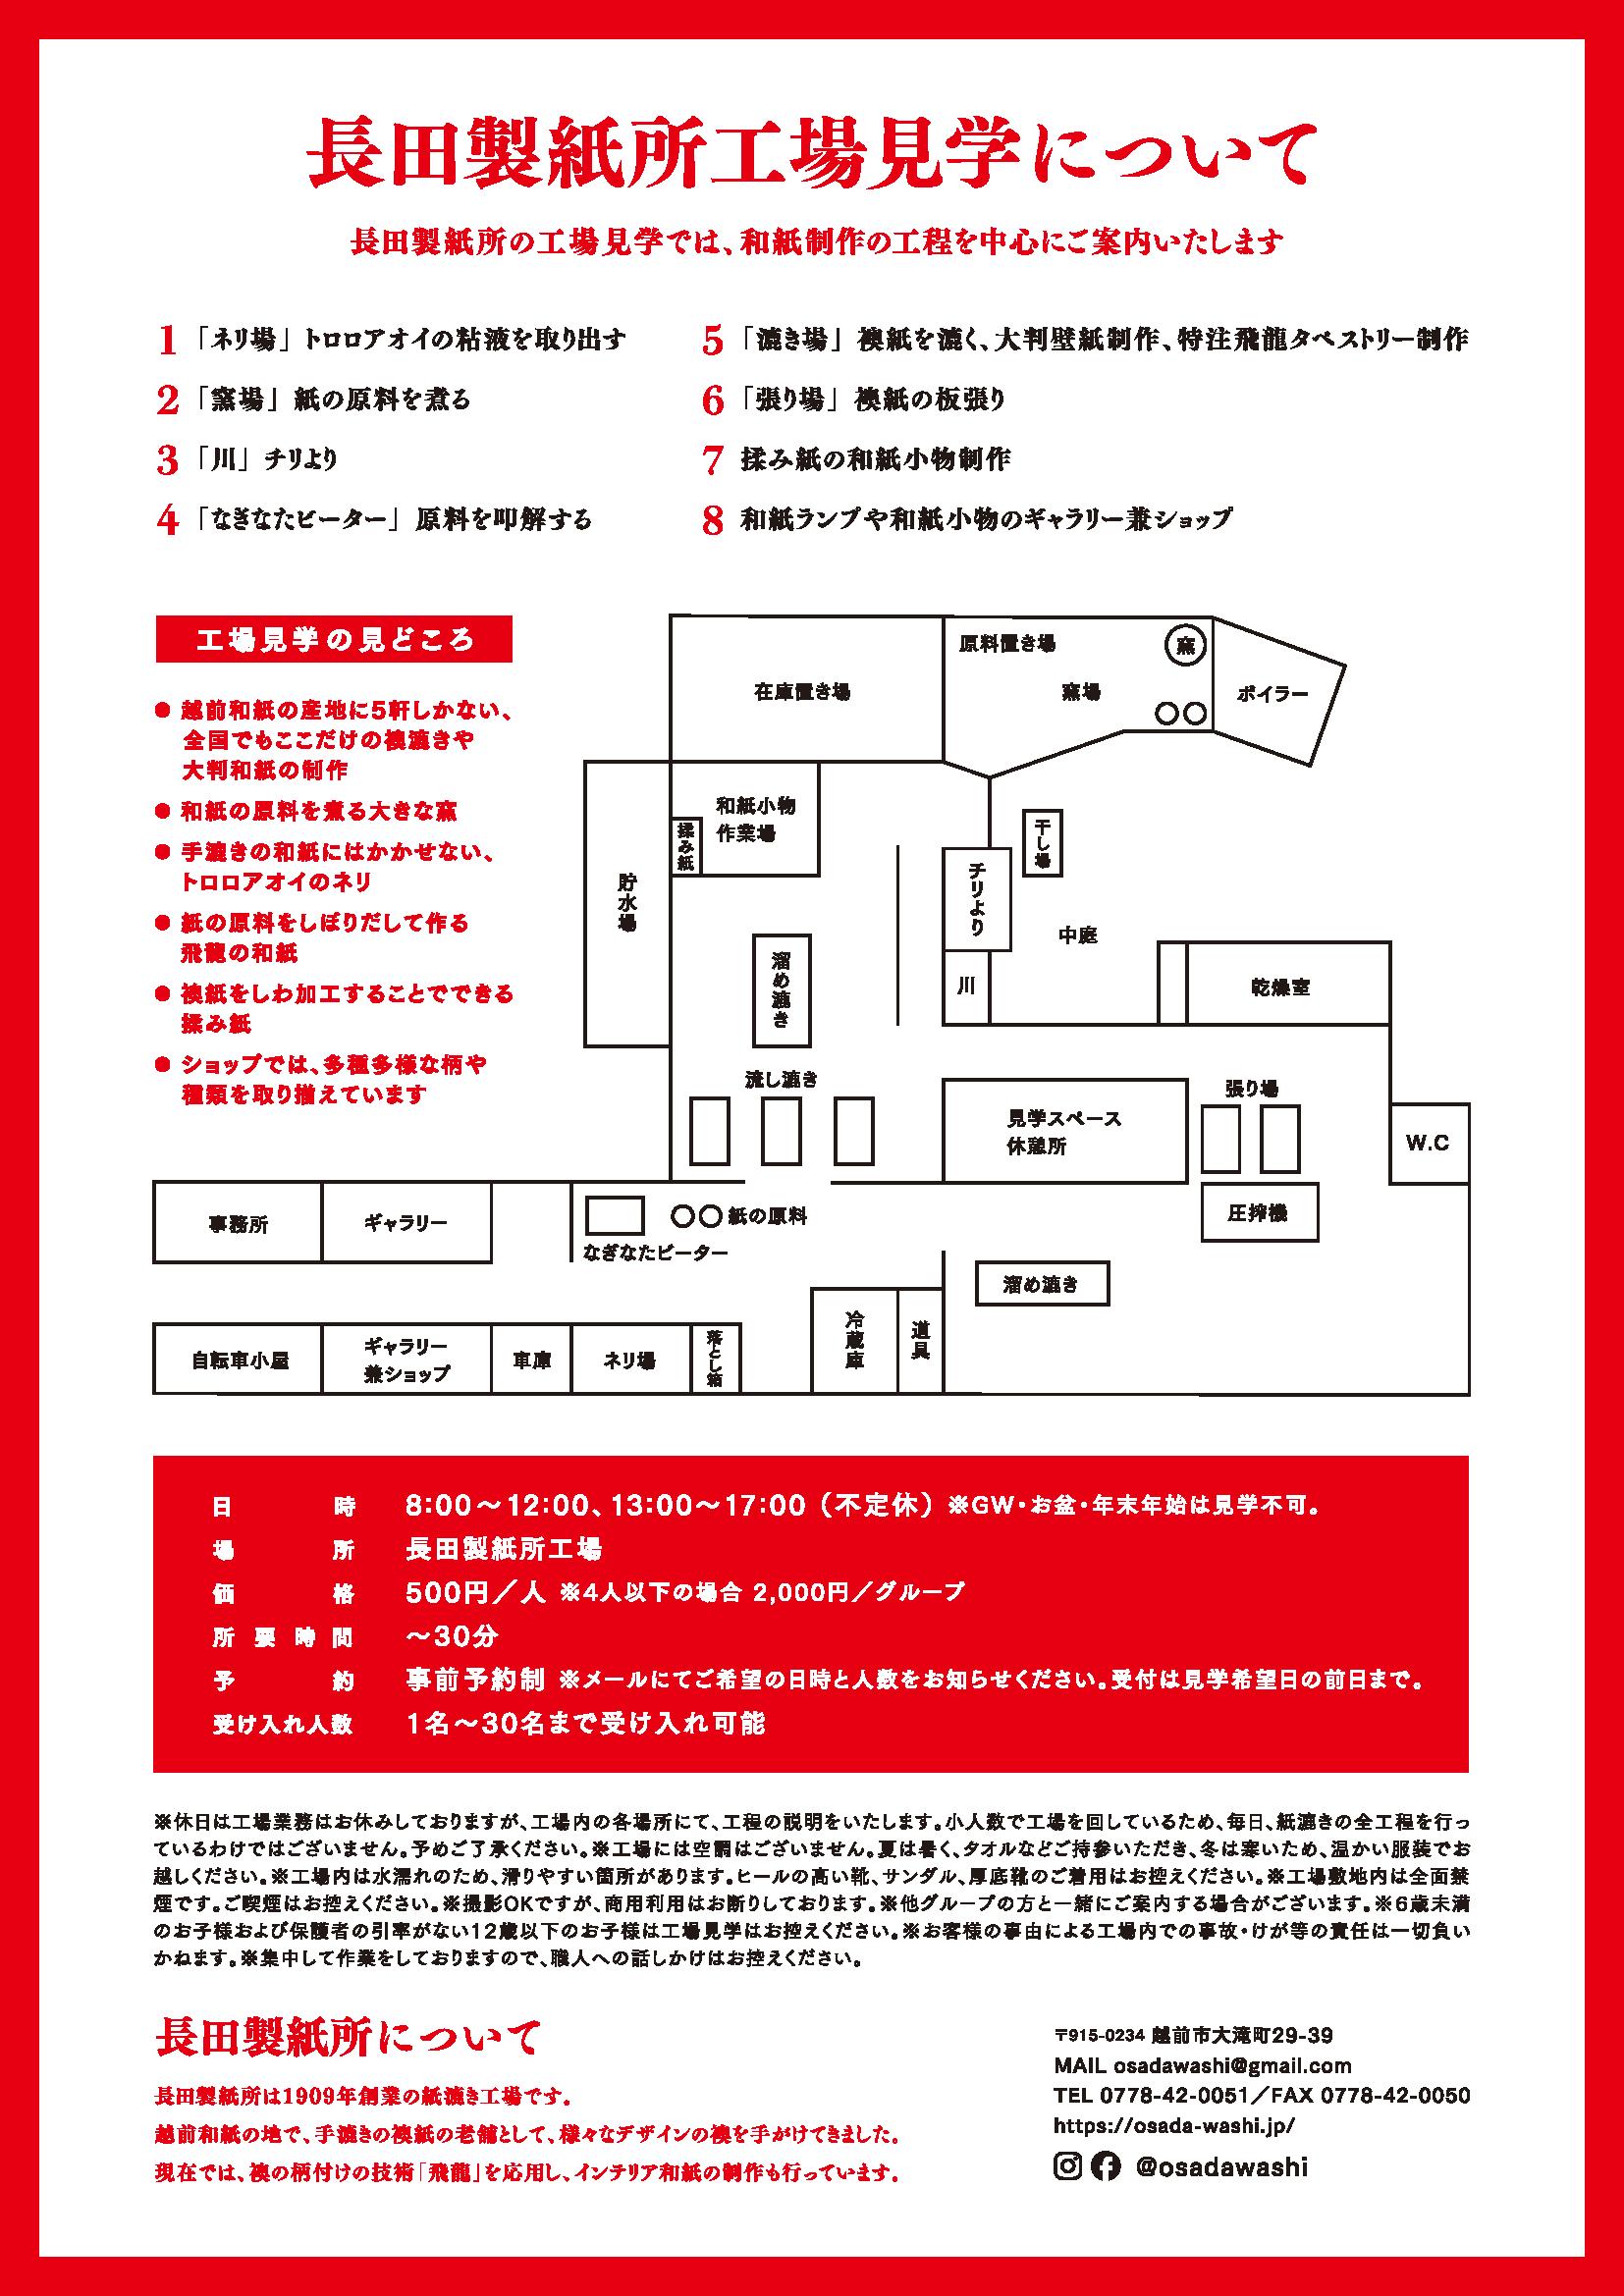 工場見学について 越前和紙 長田製紙所